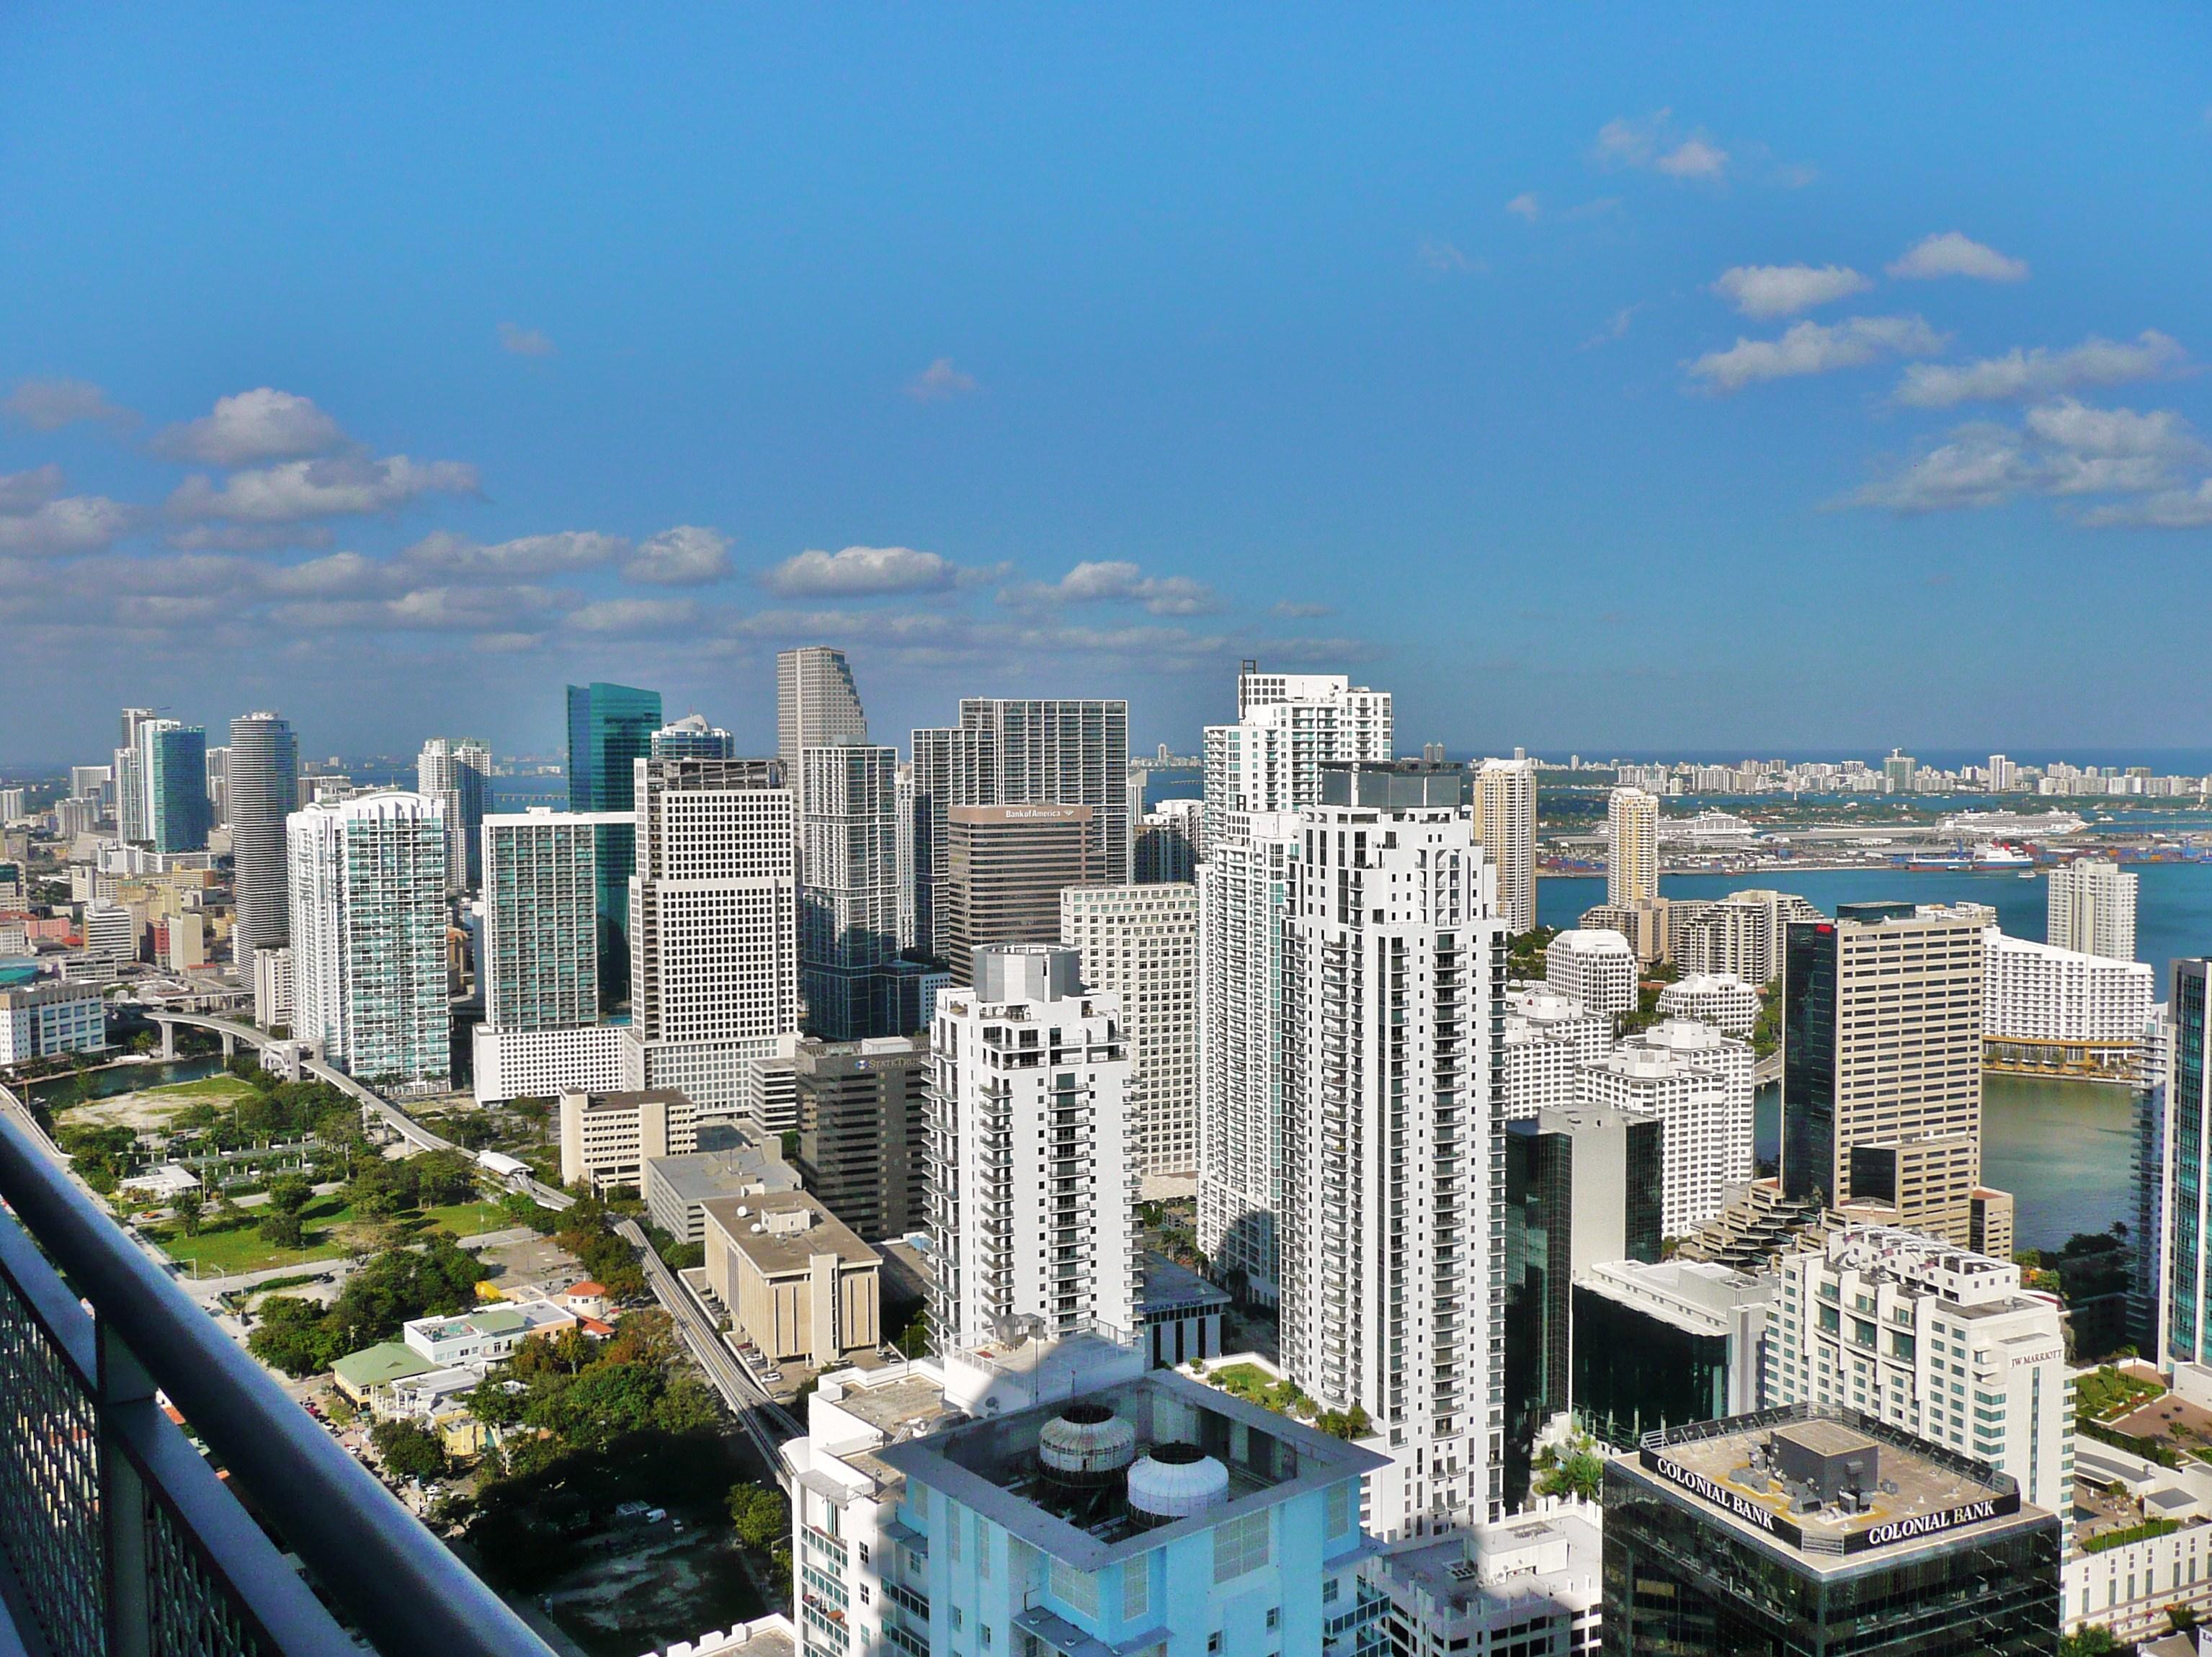 マイアミ観光のおすすめスポットランキングTOP11!人気の名所をまとめ!